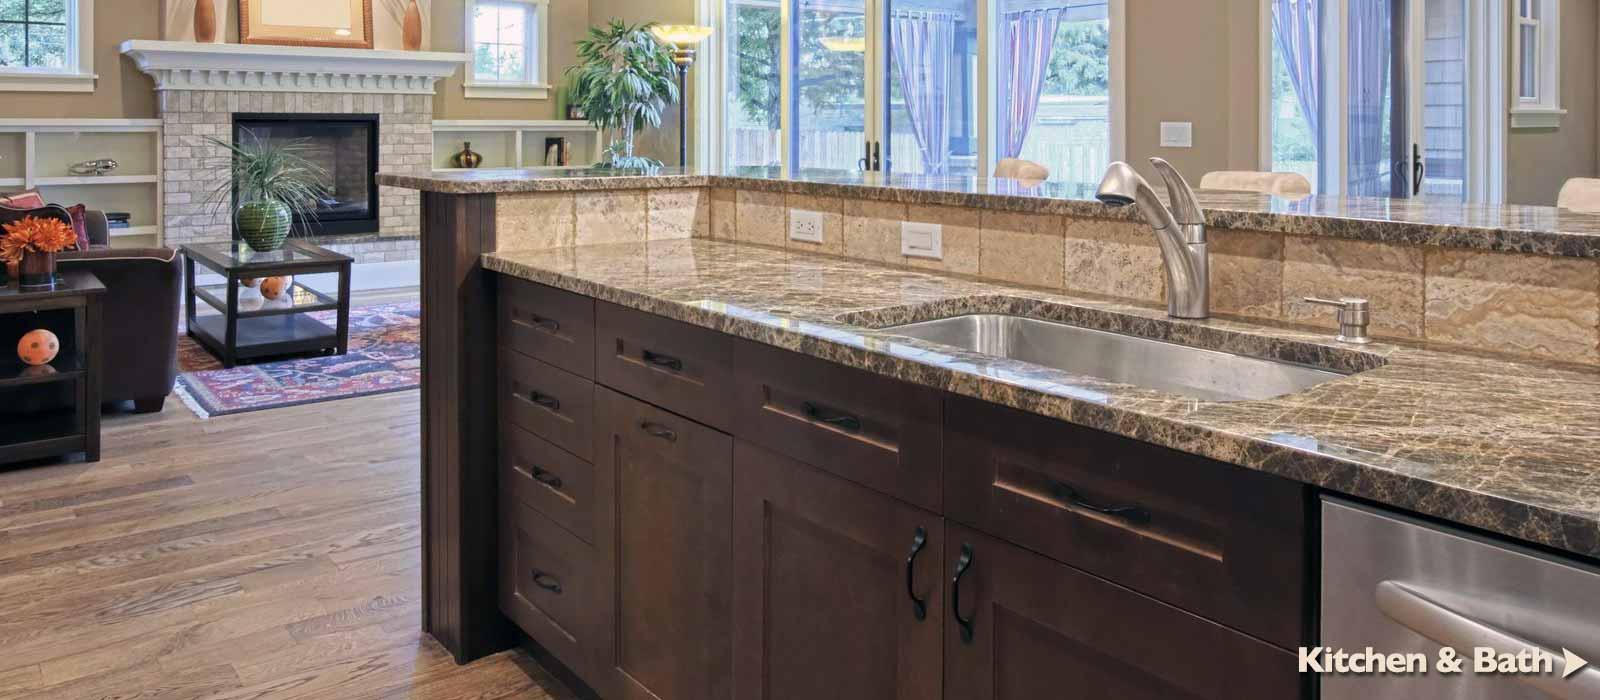 Kitchen and Bath